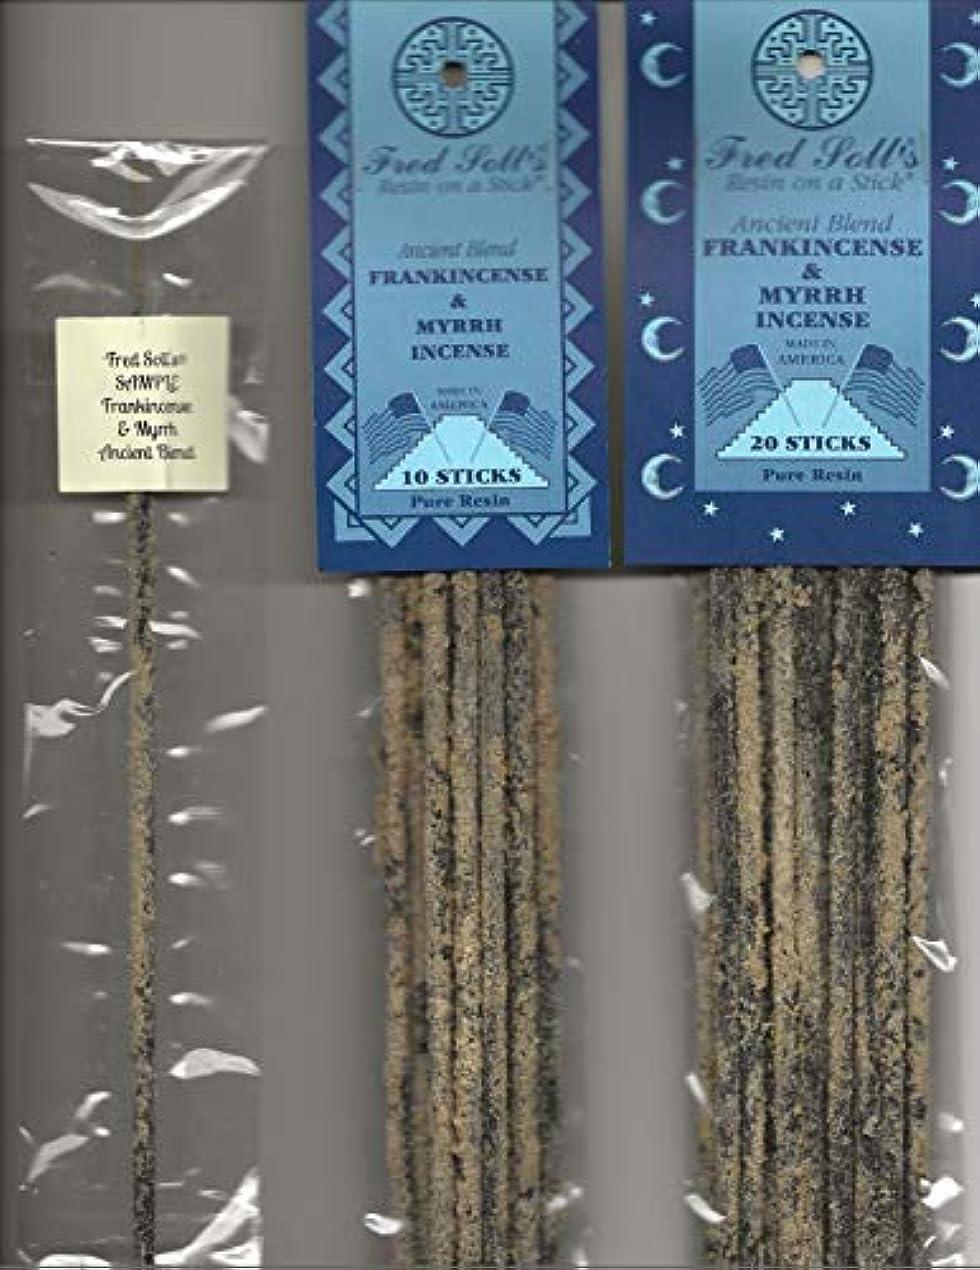 連想分析的慢Fred Soll 's Frankincense & Myrrh、古代ブレンドIncense、20 Sticks